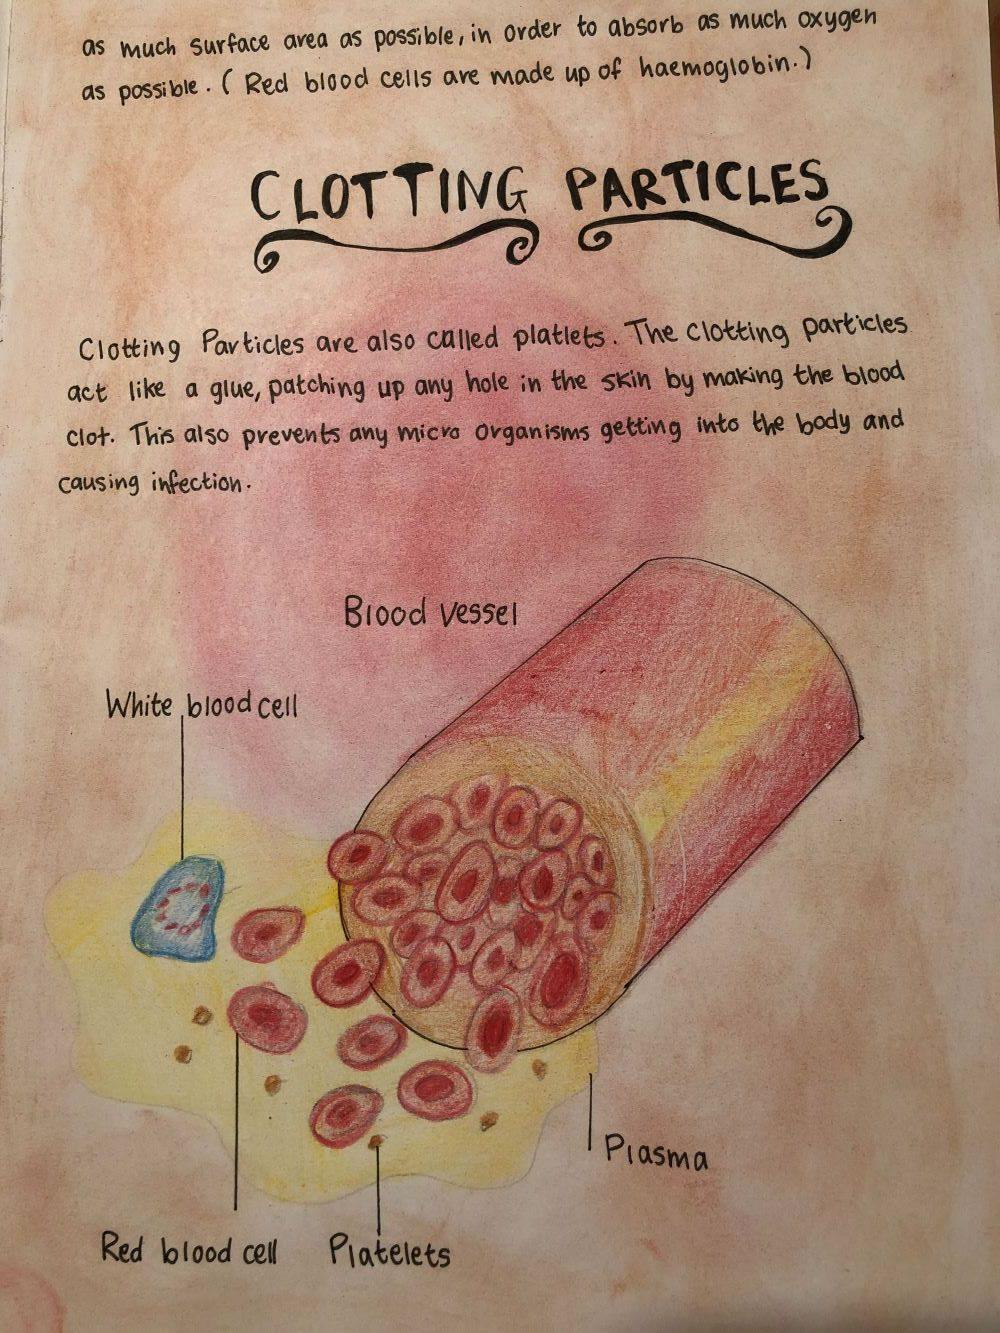 Clotting Particles